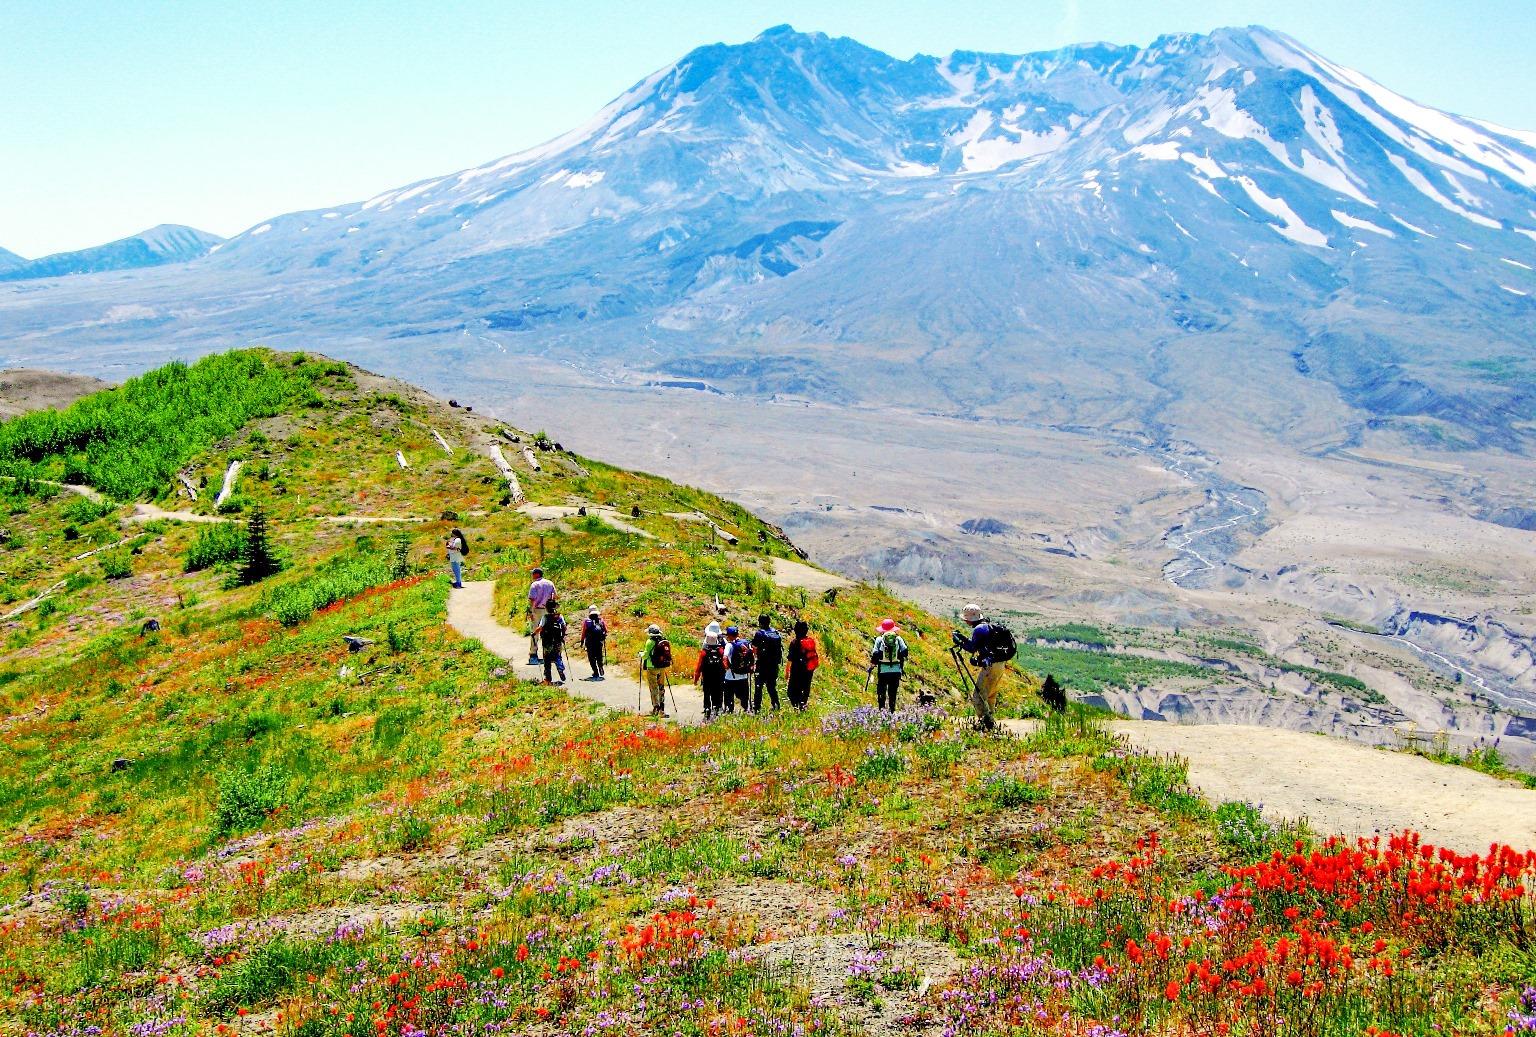 咲き乱れる高山植物とセントへレンズ山